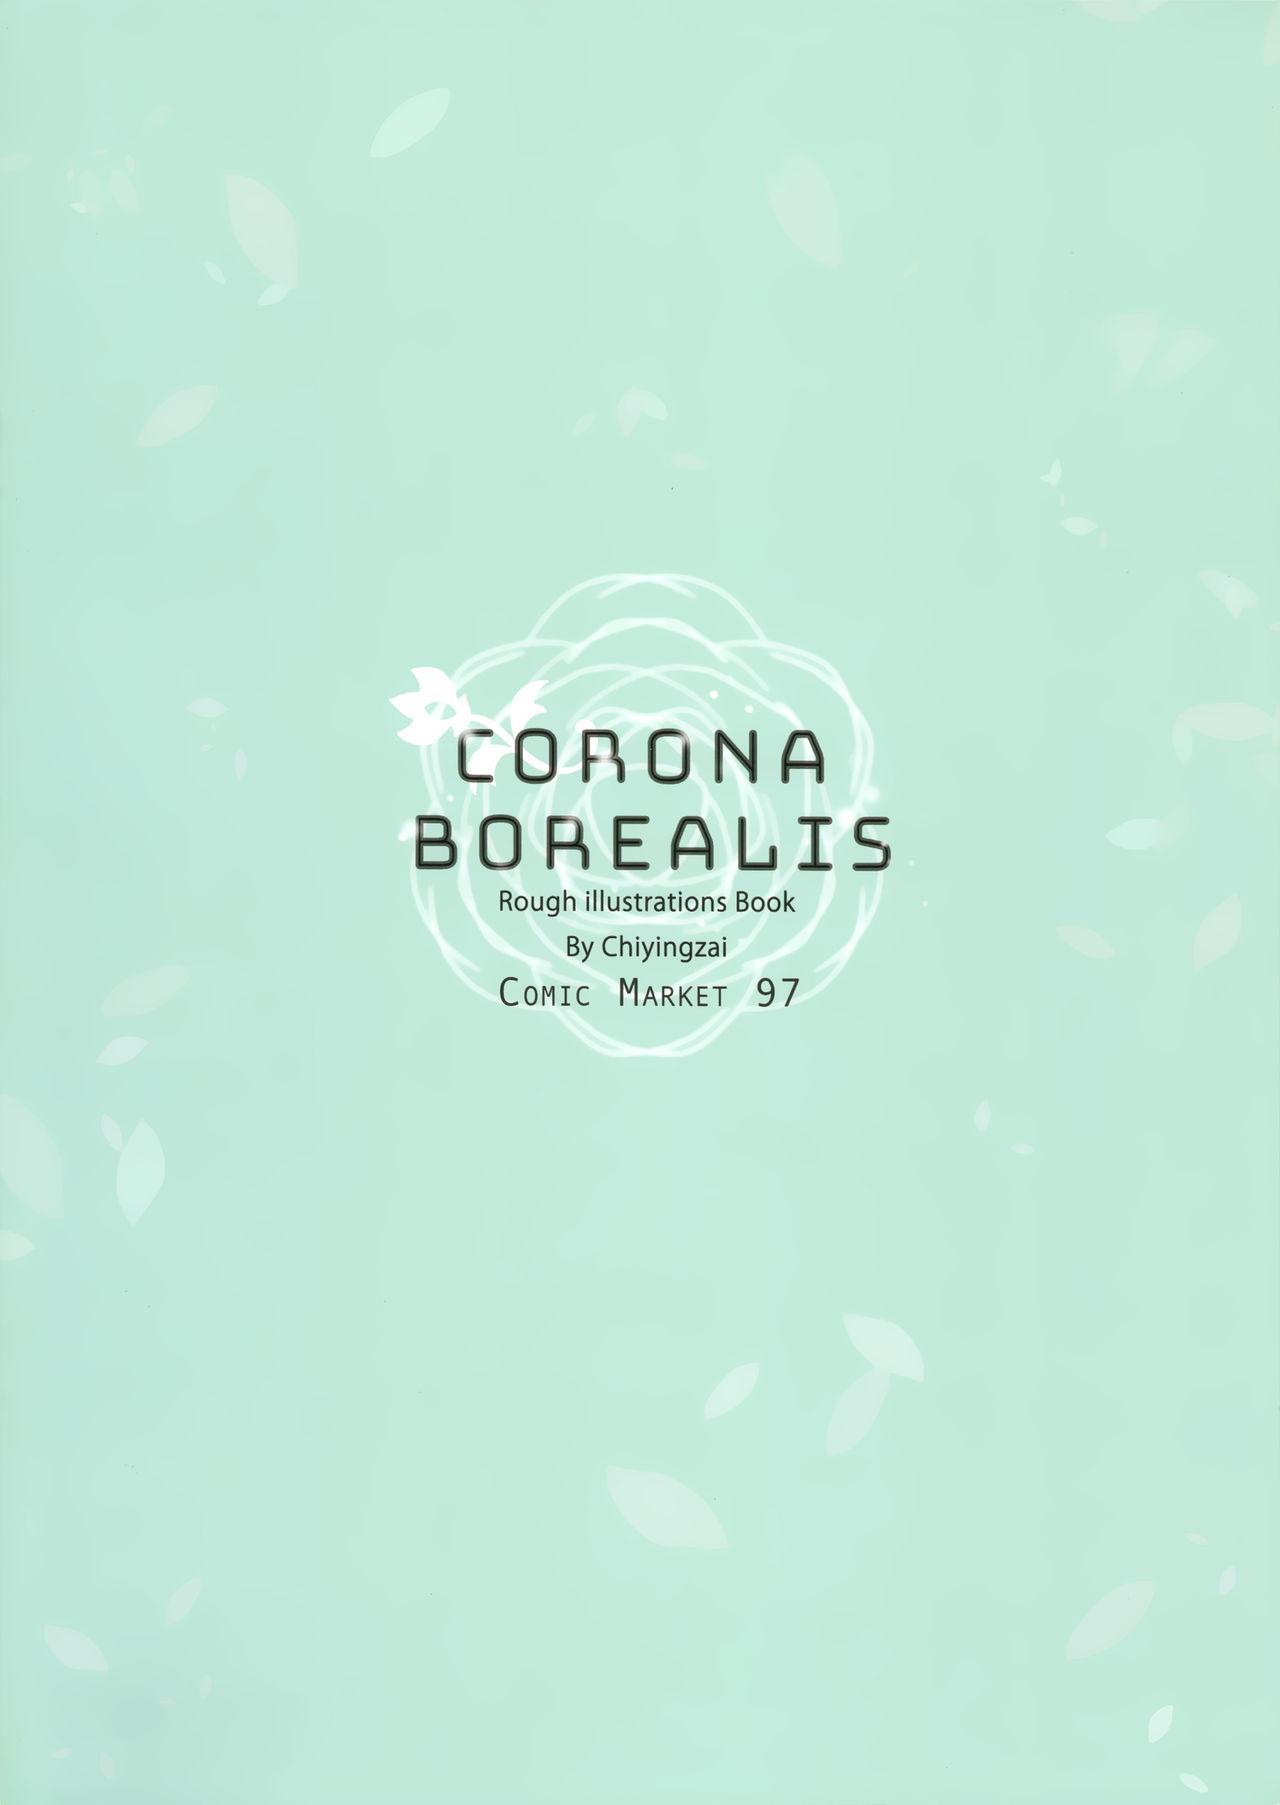 Corona borealis 15